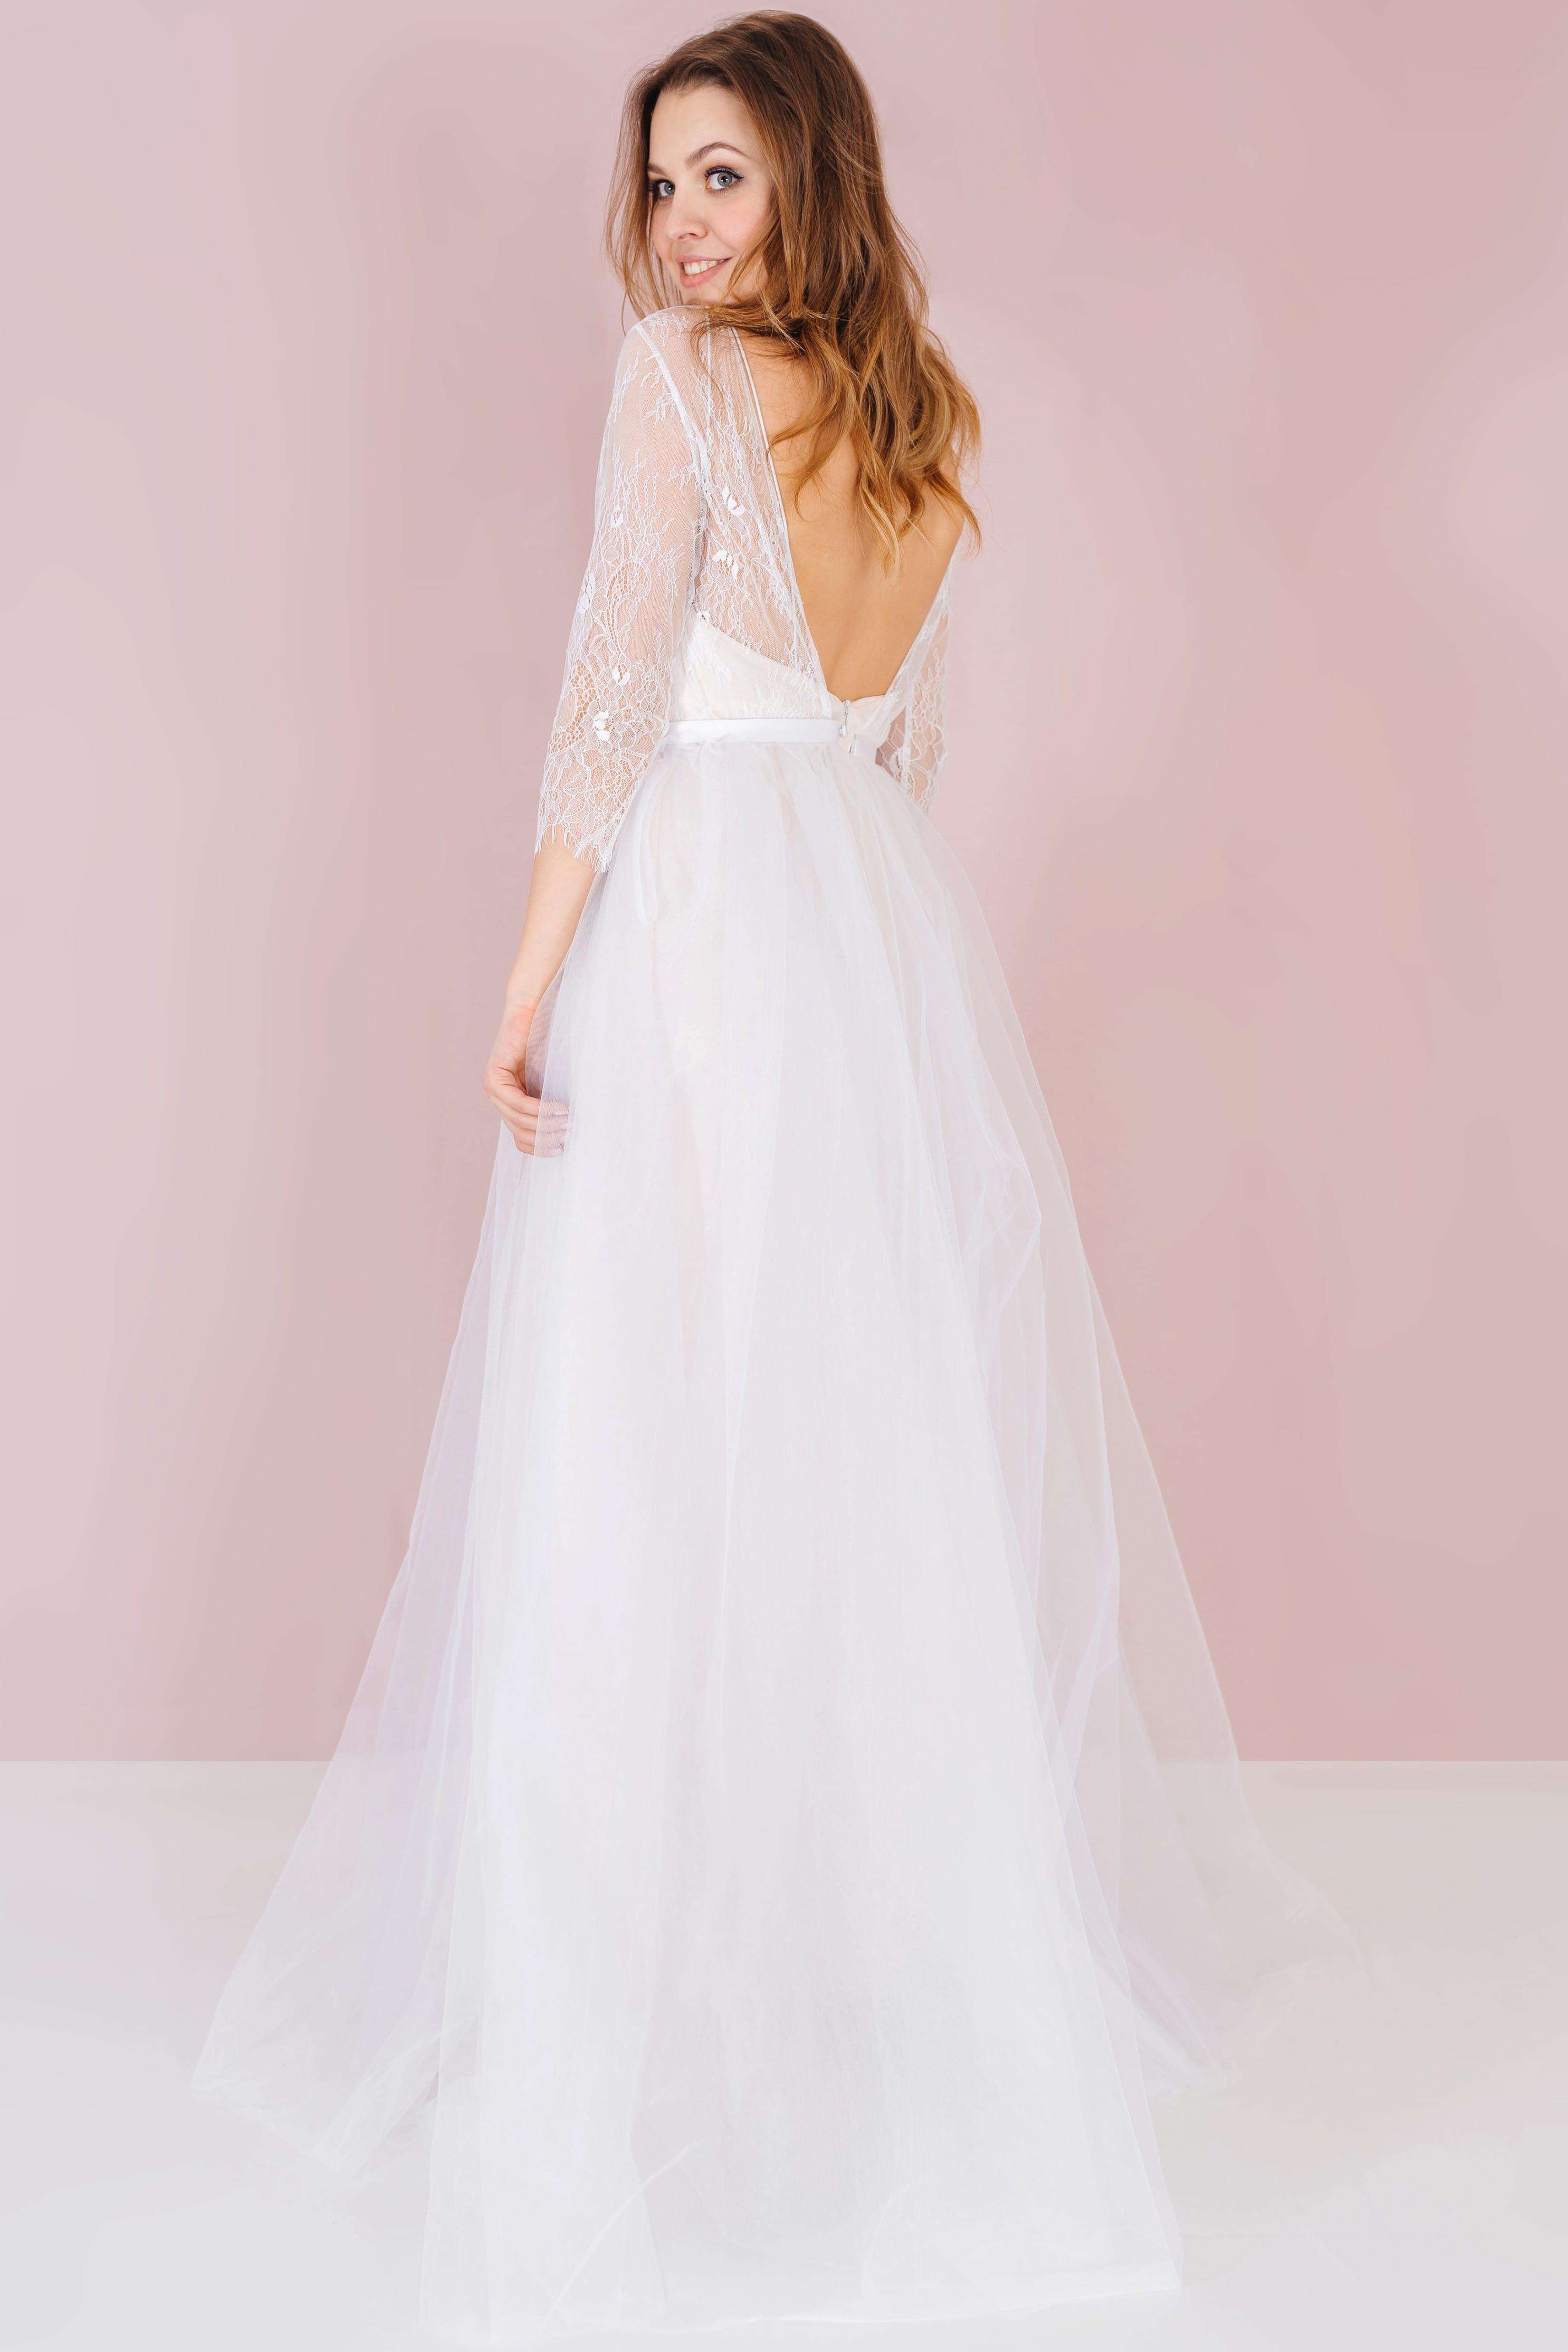 Свадебное платье GENIFER, коллекция LOFT, бренд RARE BRIDAL, фото 2